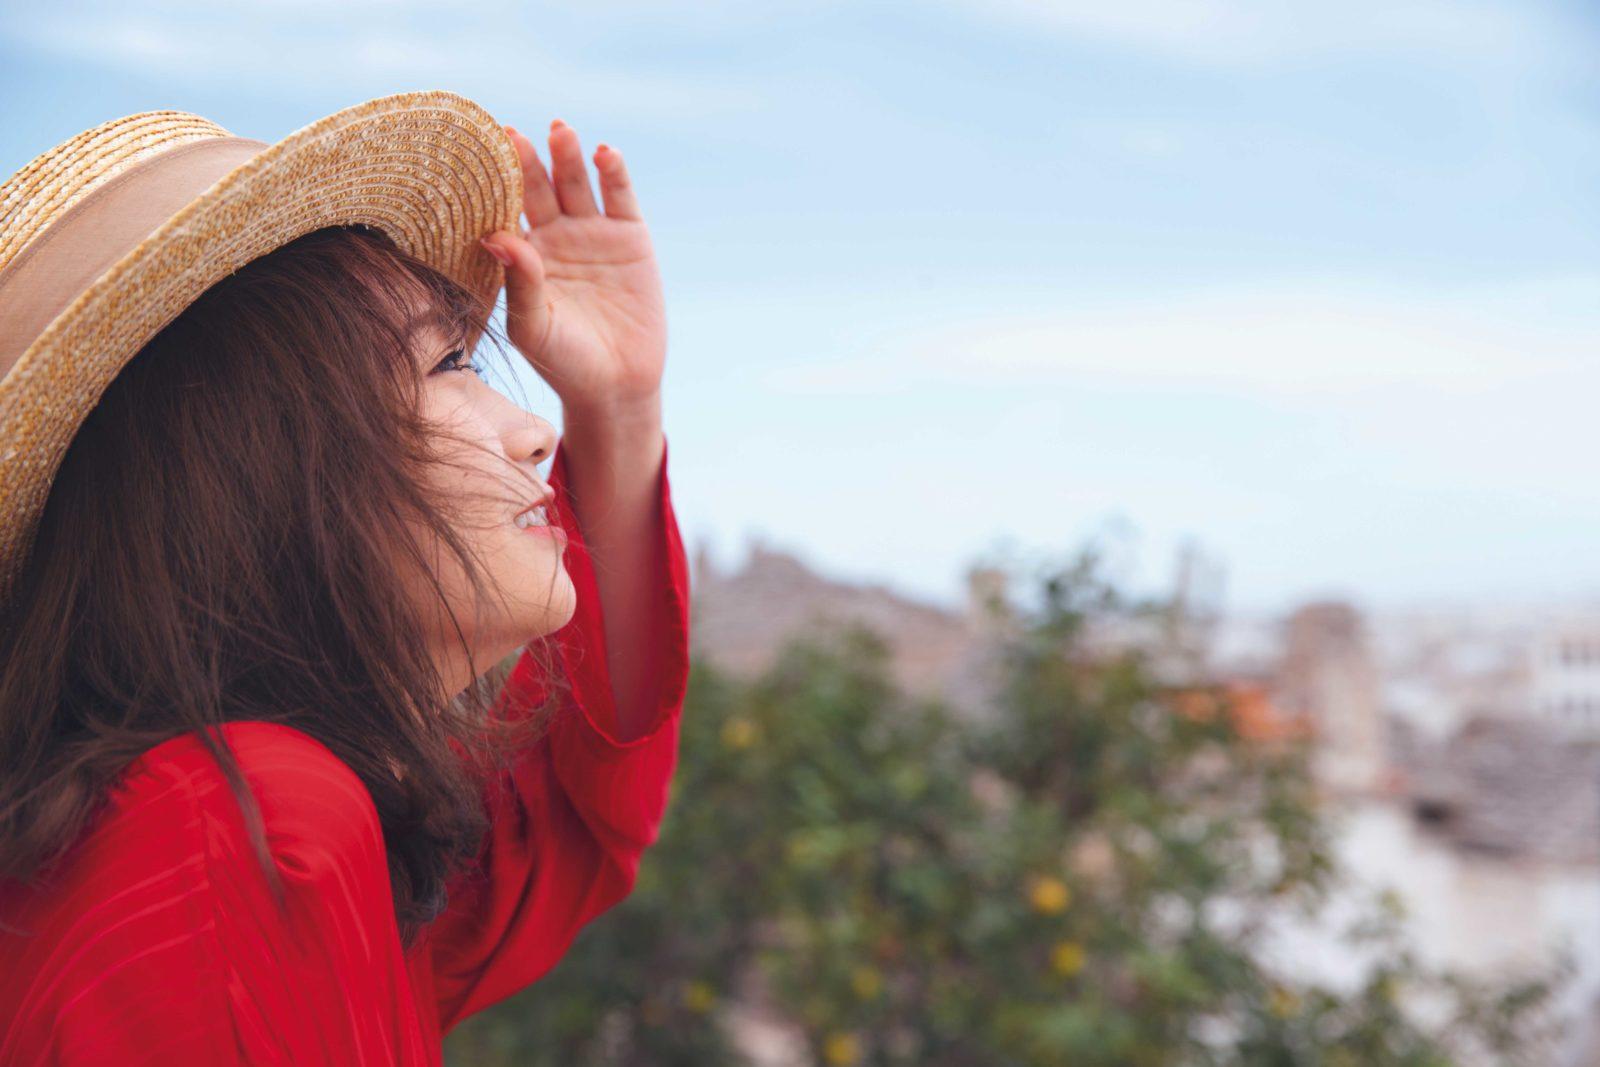 乃木坂46・秋元真夏、笑顔の横顔&肌見せカットなどを複数公開サムネイル画像